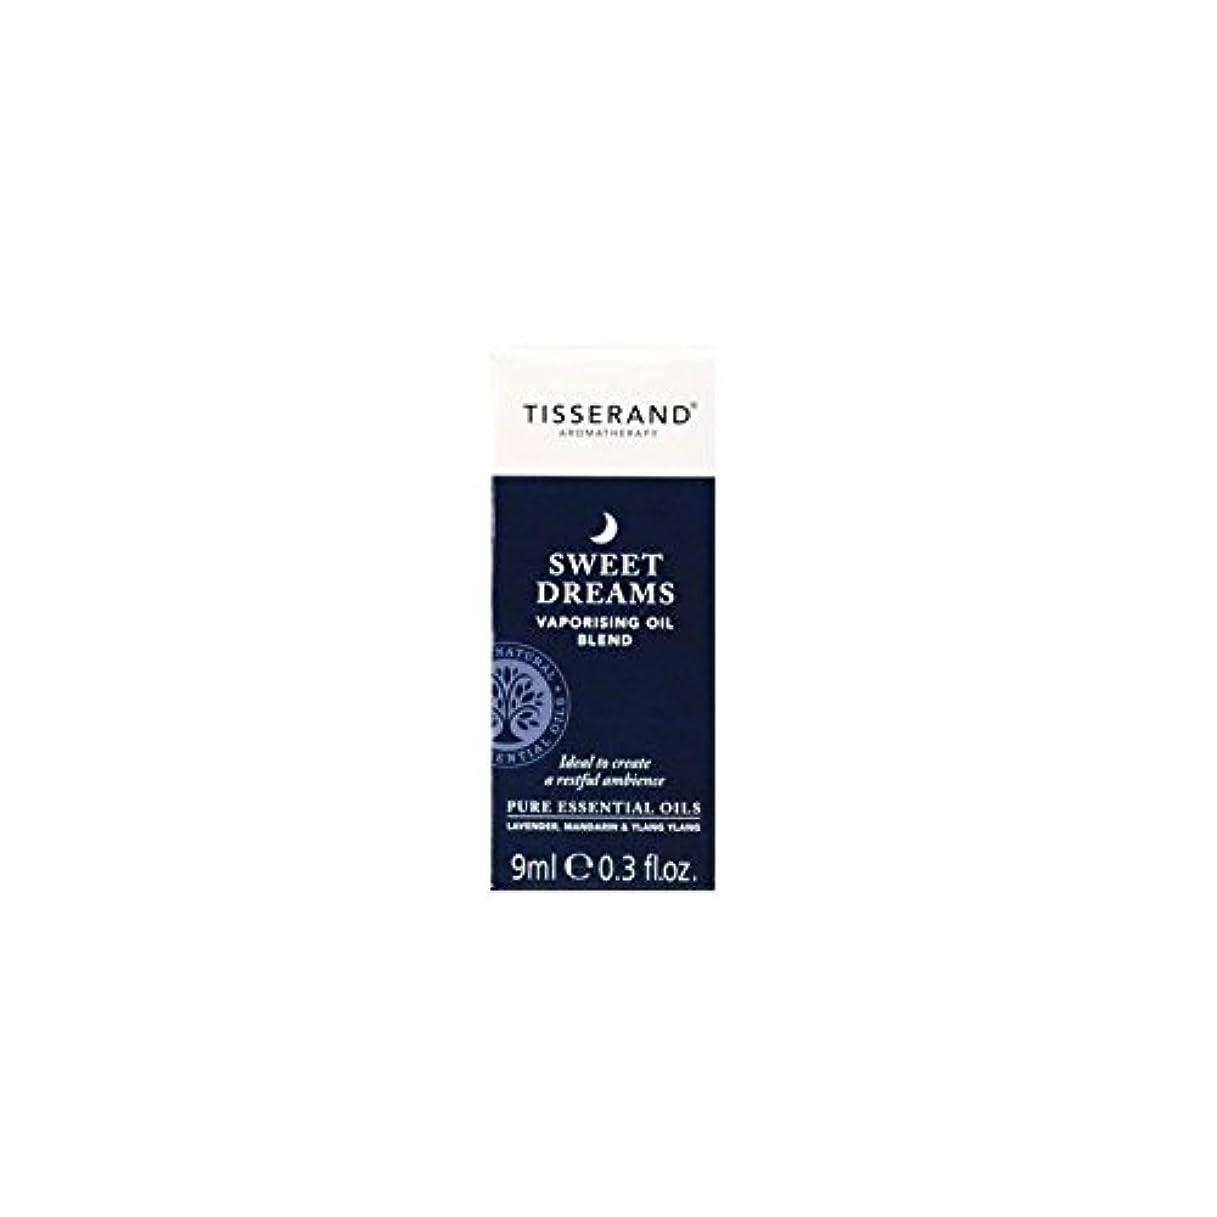 指令歴史家見る人オイル9ミリリットルを気化甘い夢 (Tisserand) (x 6) - Tisserand Sweet Dreams Vaporising Oil 9ml (Pack of 6) [並行輸入品]